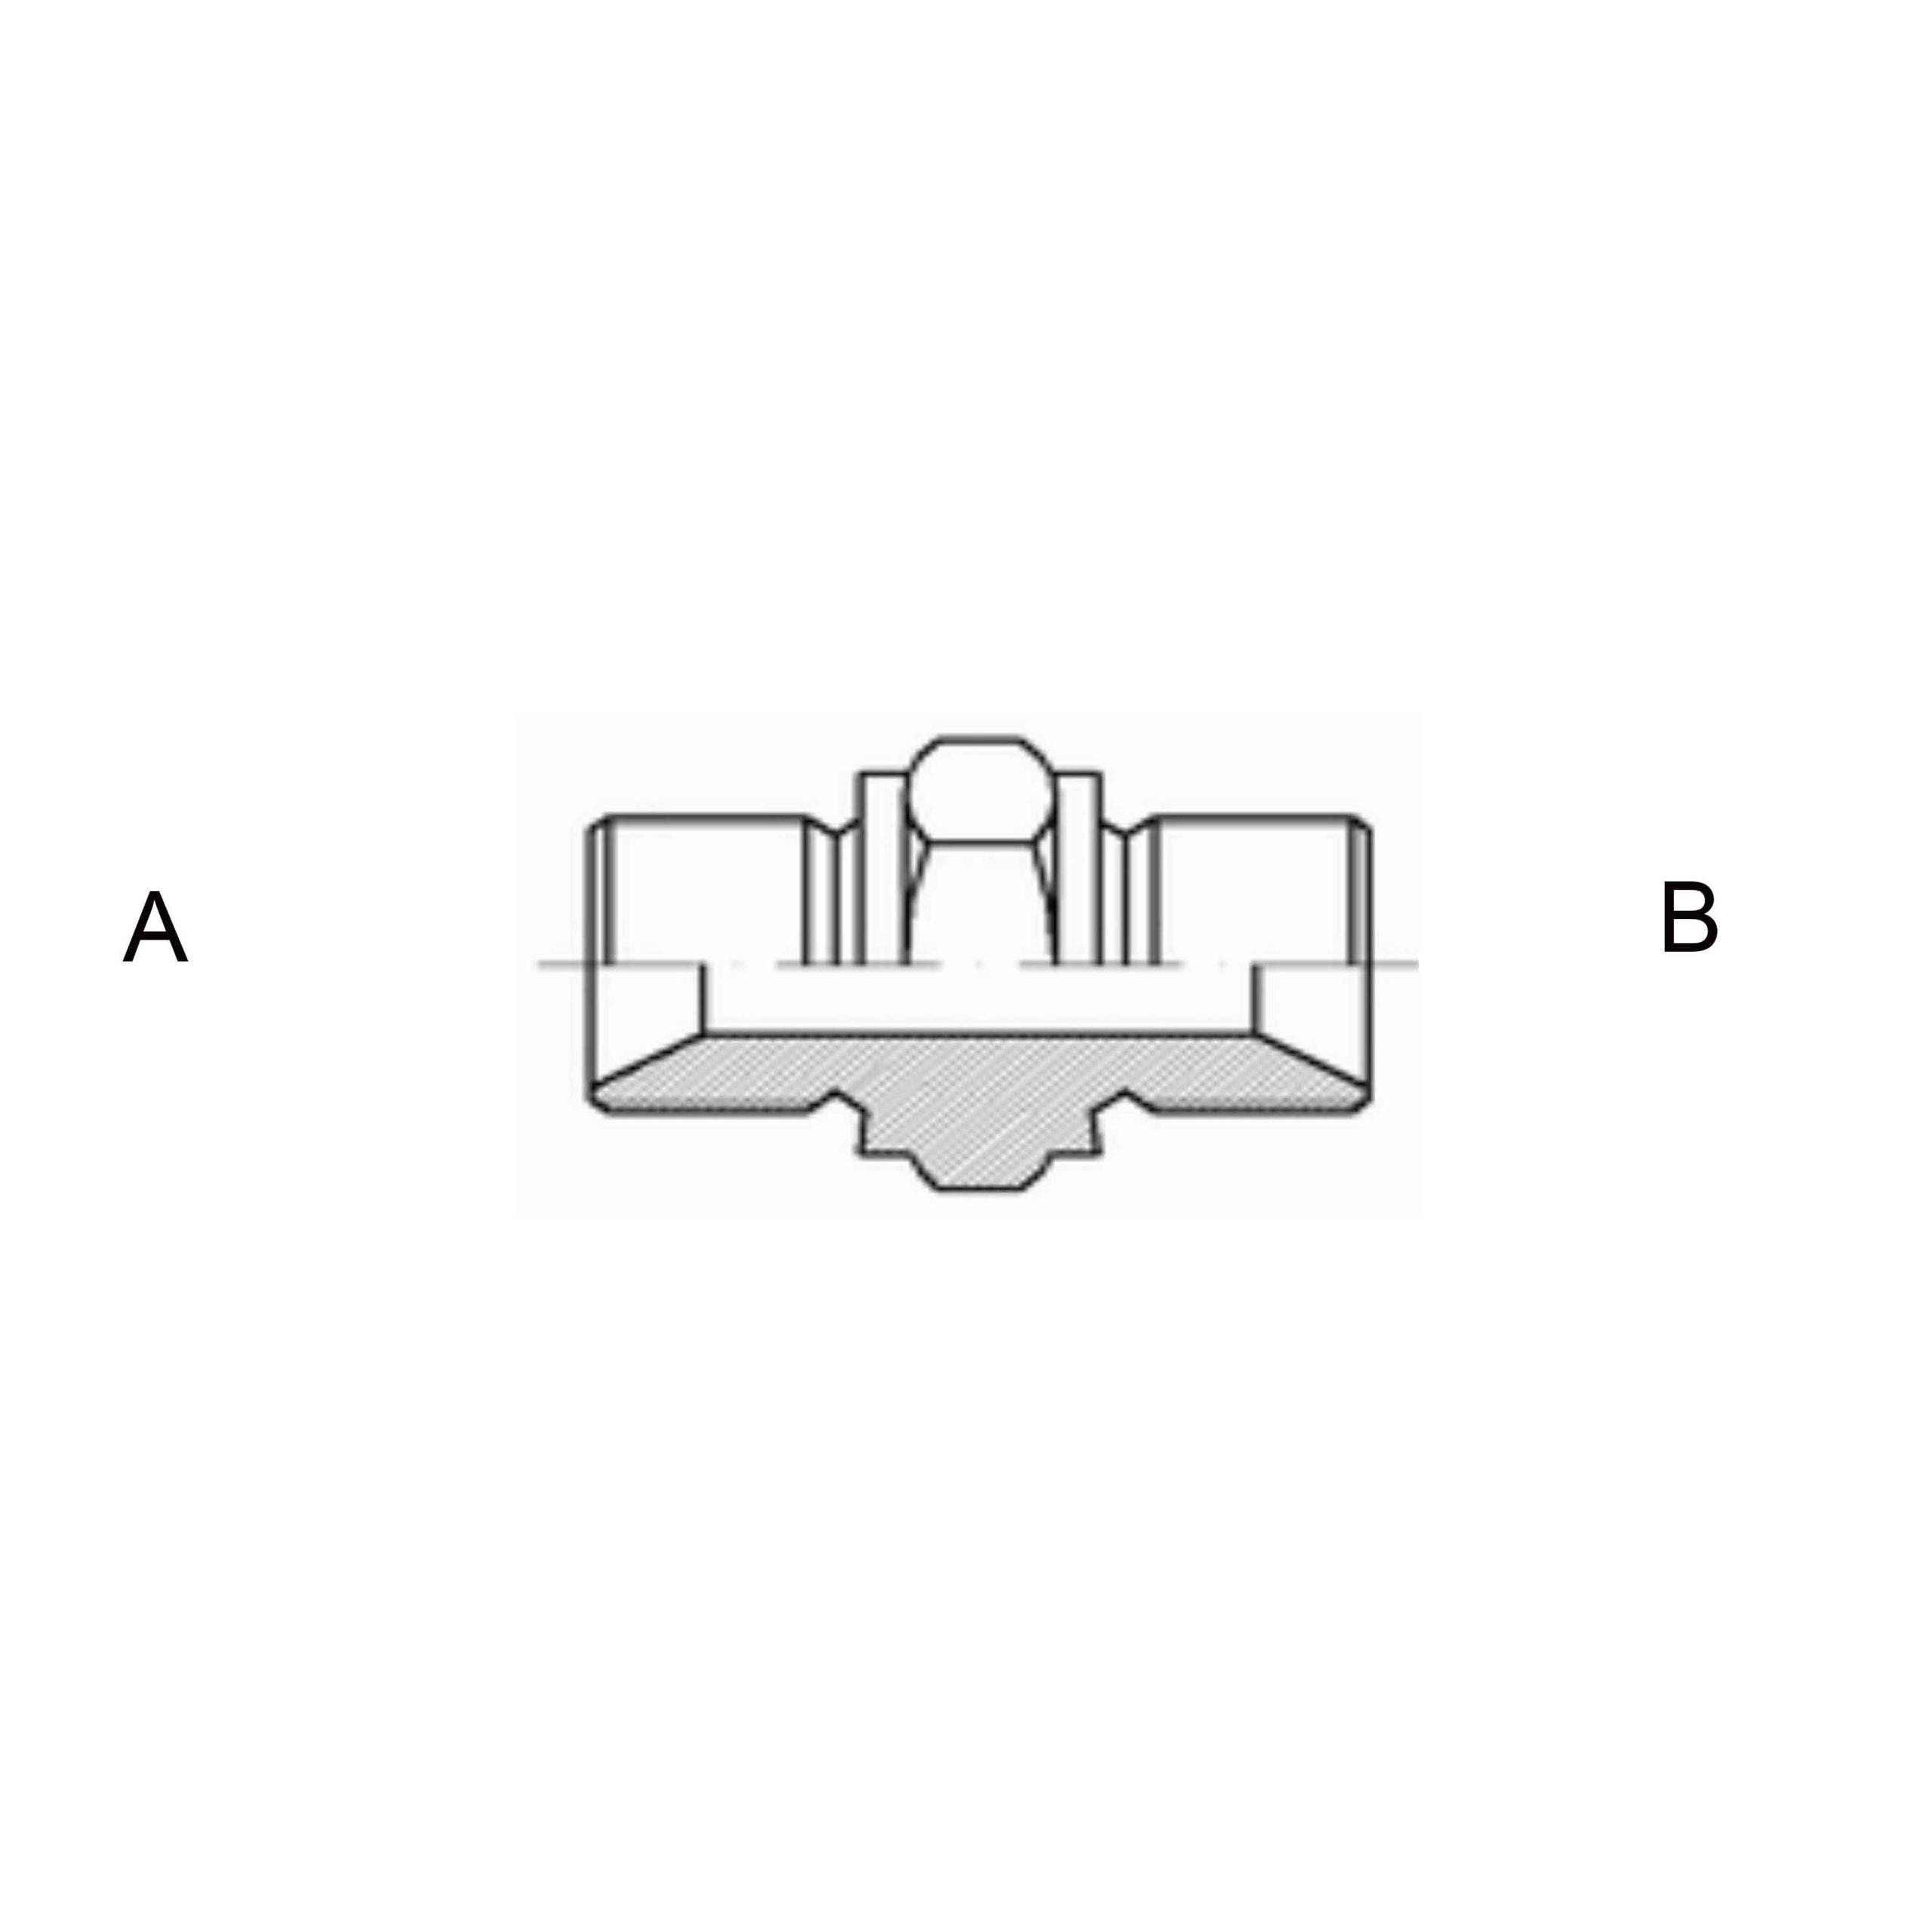 UNION_MALE_BSP_X_MALE_METRIQUE_BSB_CAOUTCHOUCS_PLASTIQUES